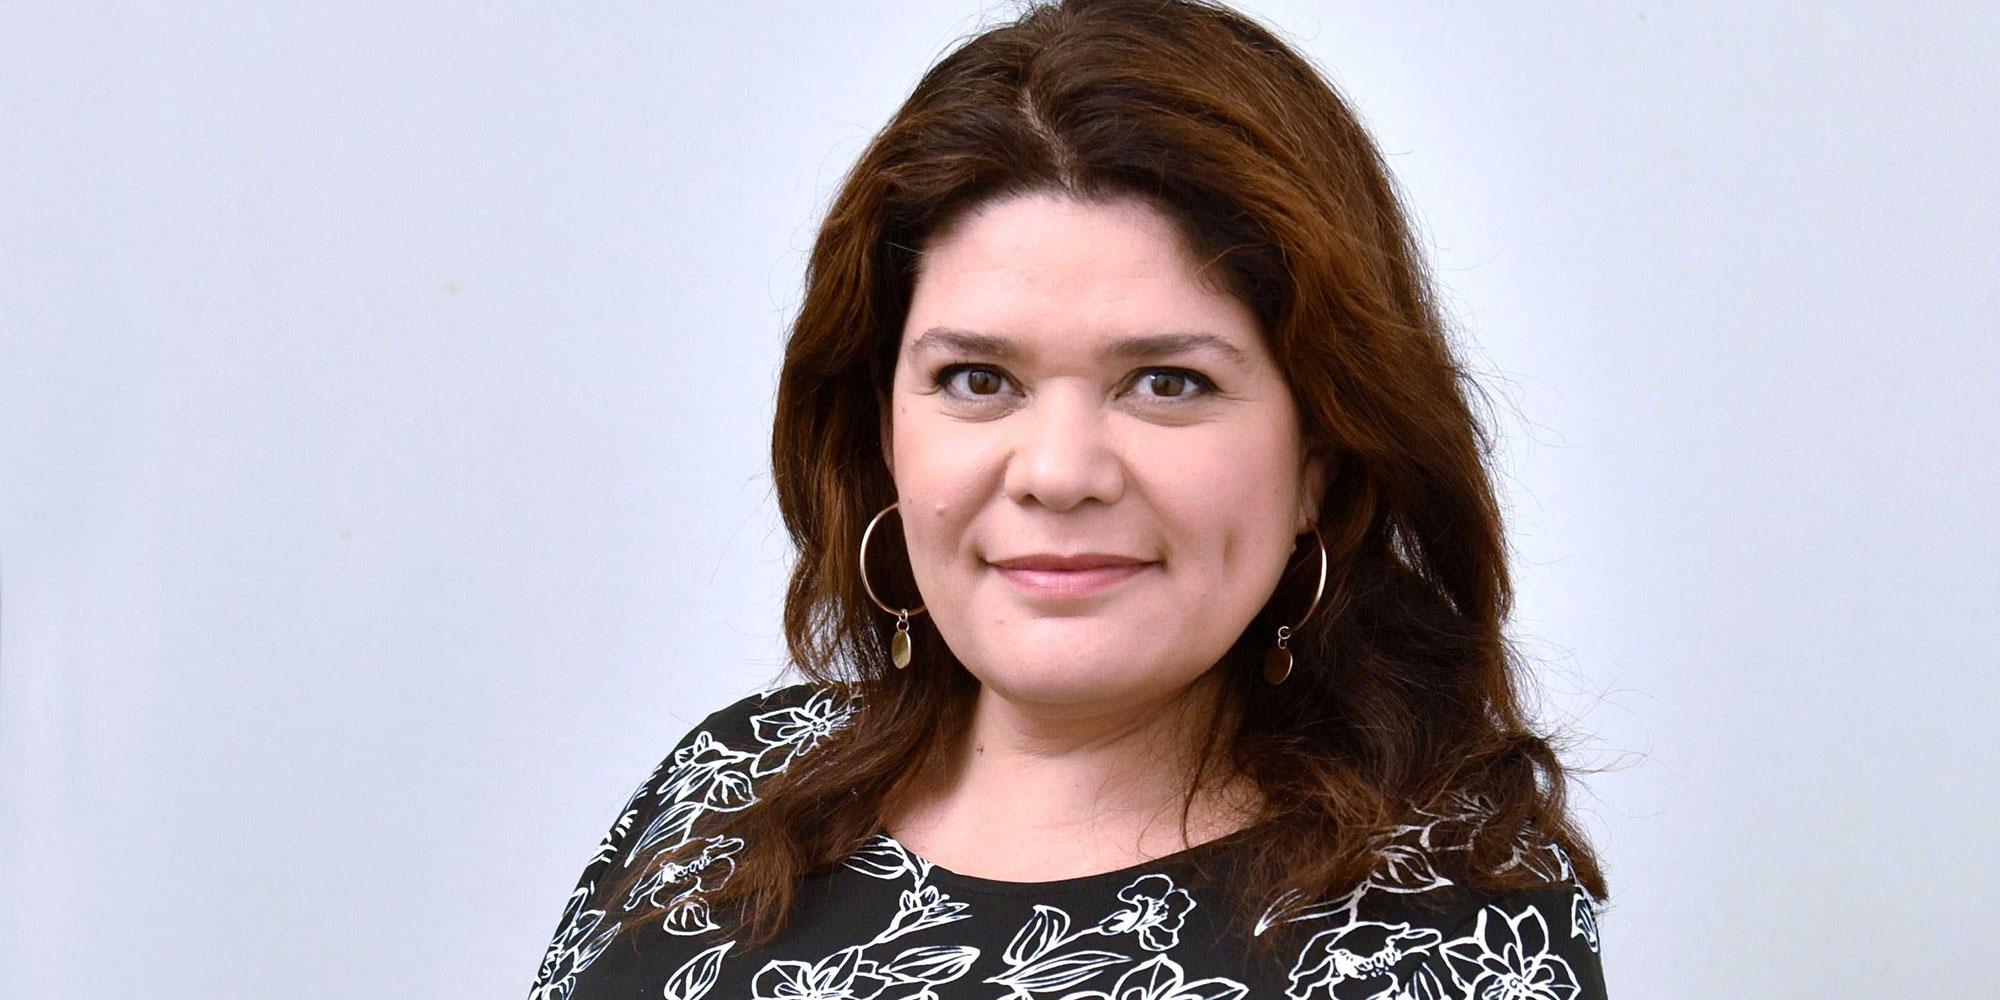 L'ancienne insoumise Raquel Garrido fait son retour en politique et s'explique au JDD - Le Journal du dimanche